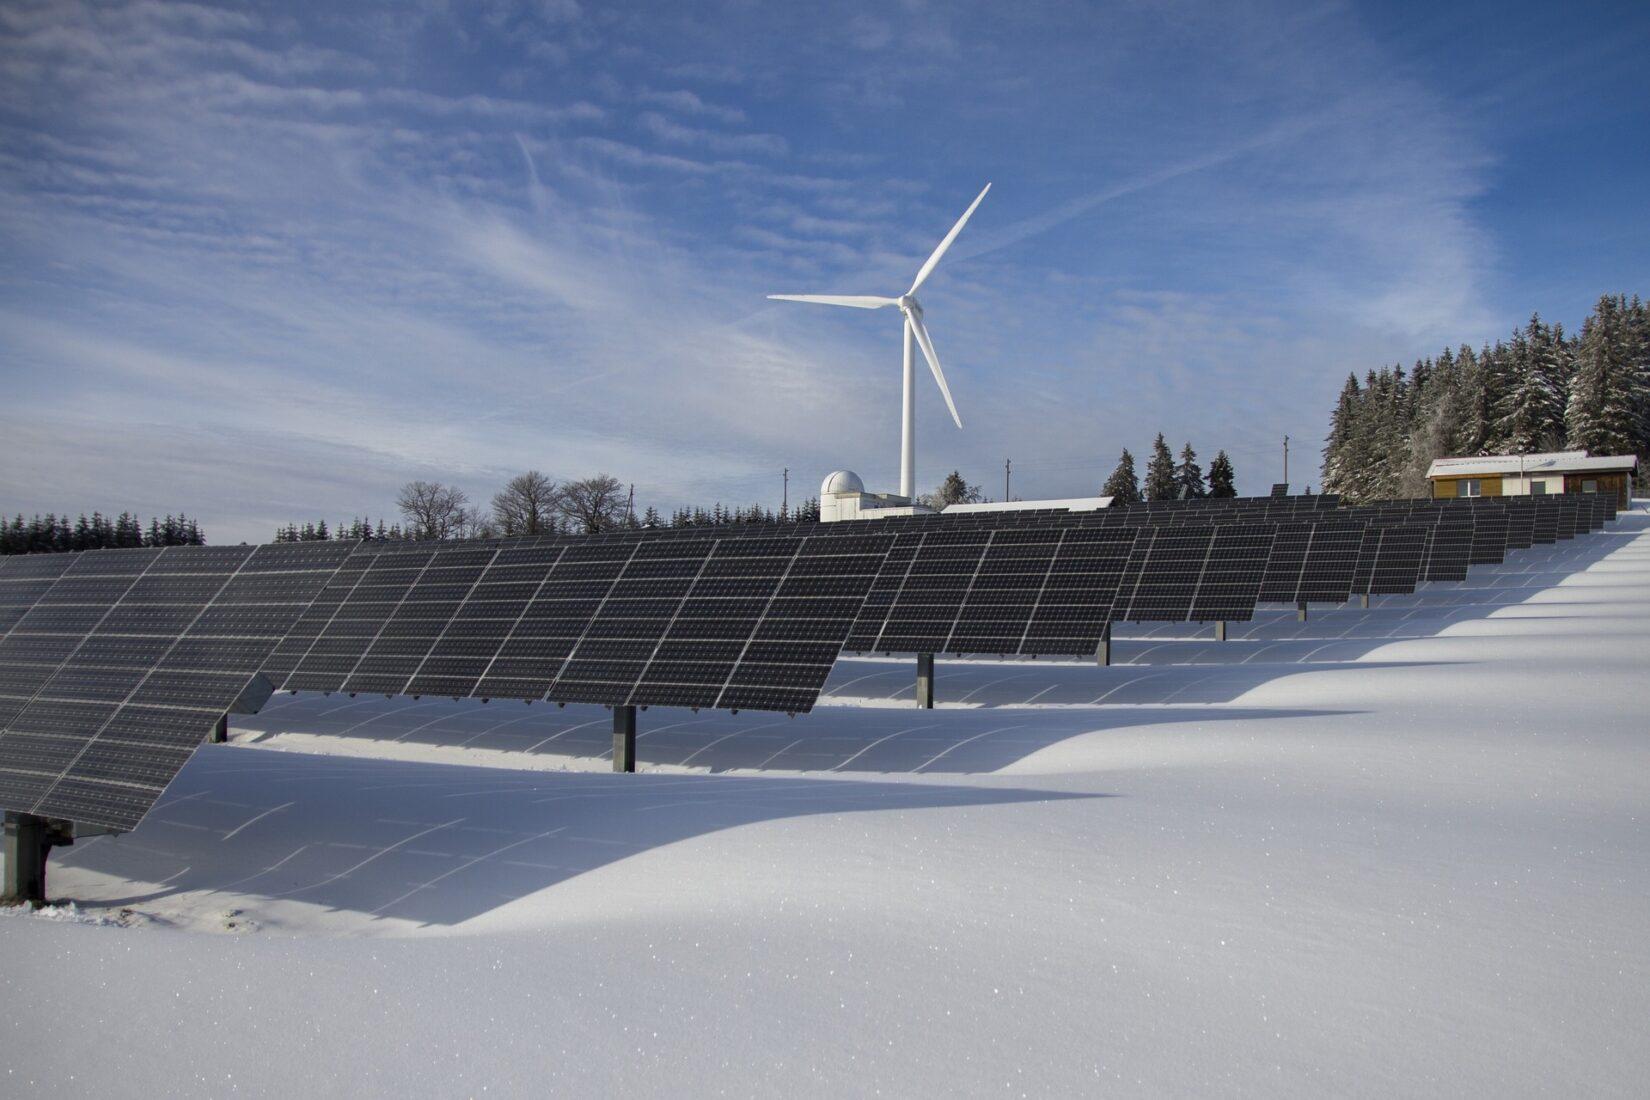 Auch aus Kostengründen spricht künftig alles für Wind- und Solarstrom. Foto: Pixabay